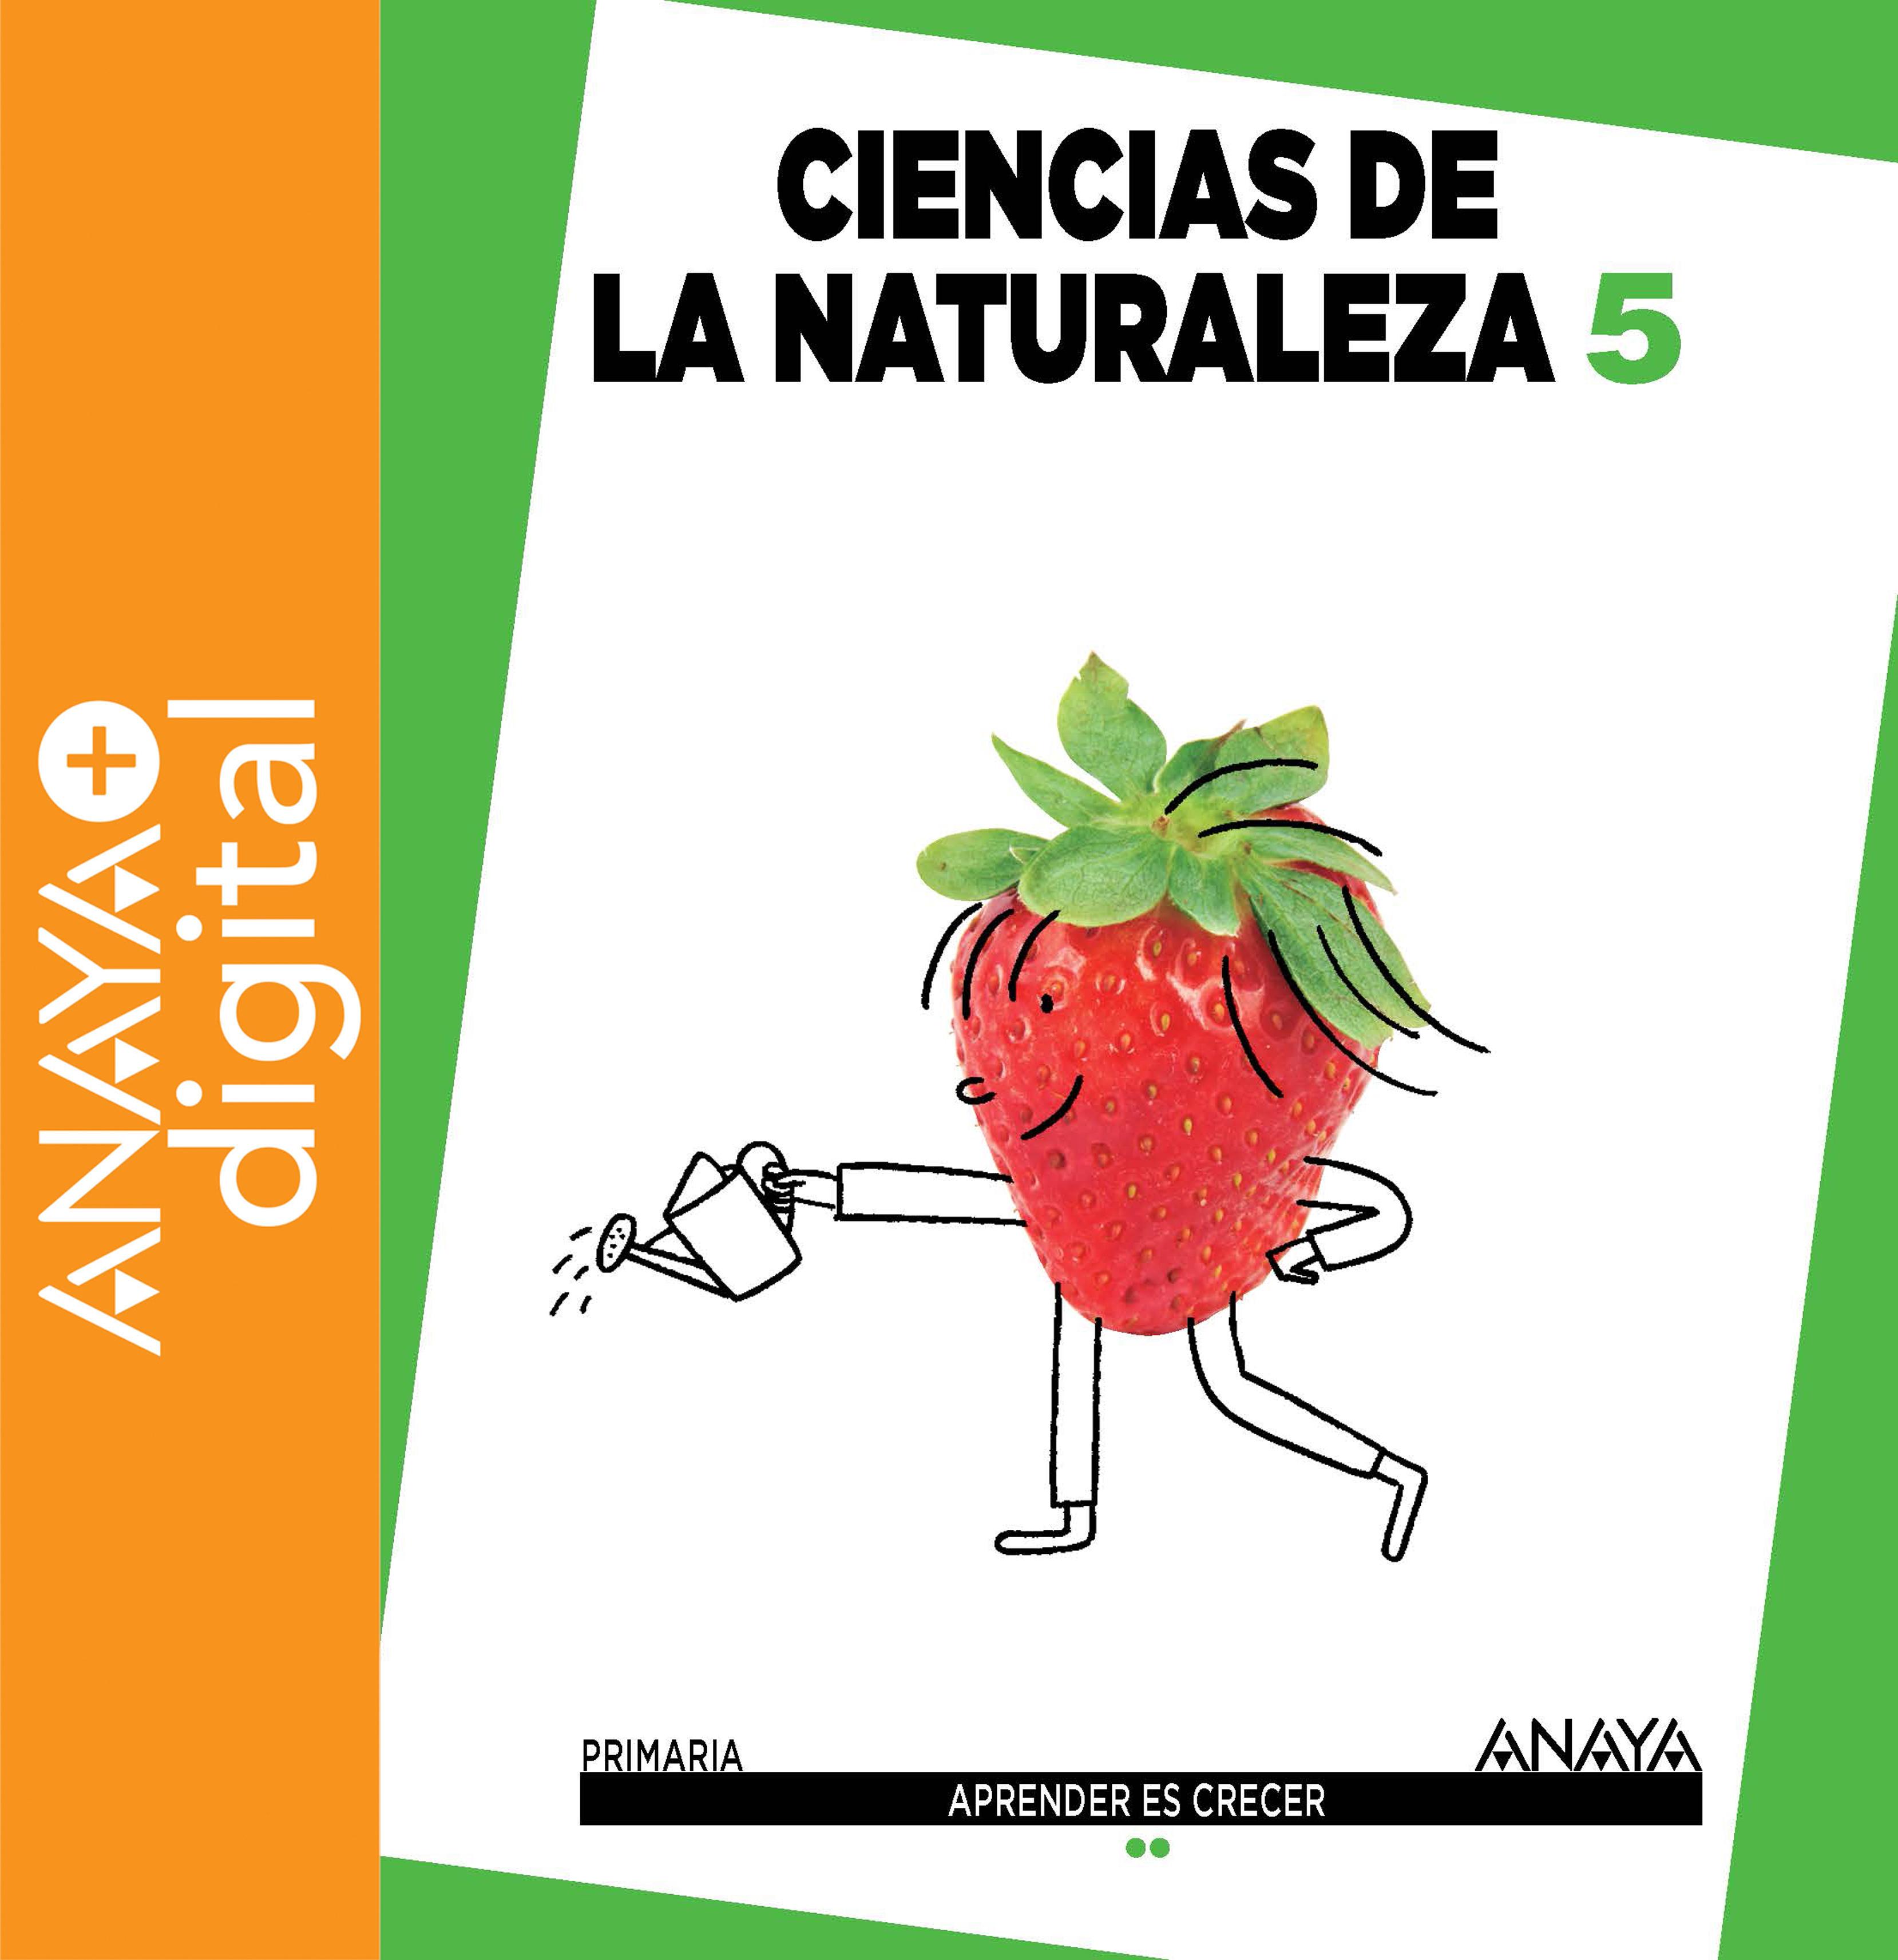 Ciencias Naturales 5º Anaya Digital Digital Book Blinklearning